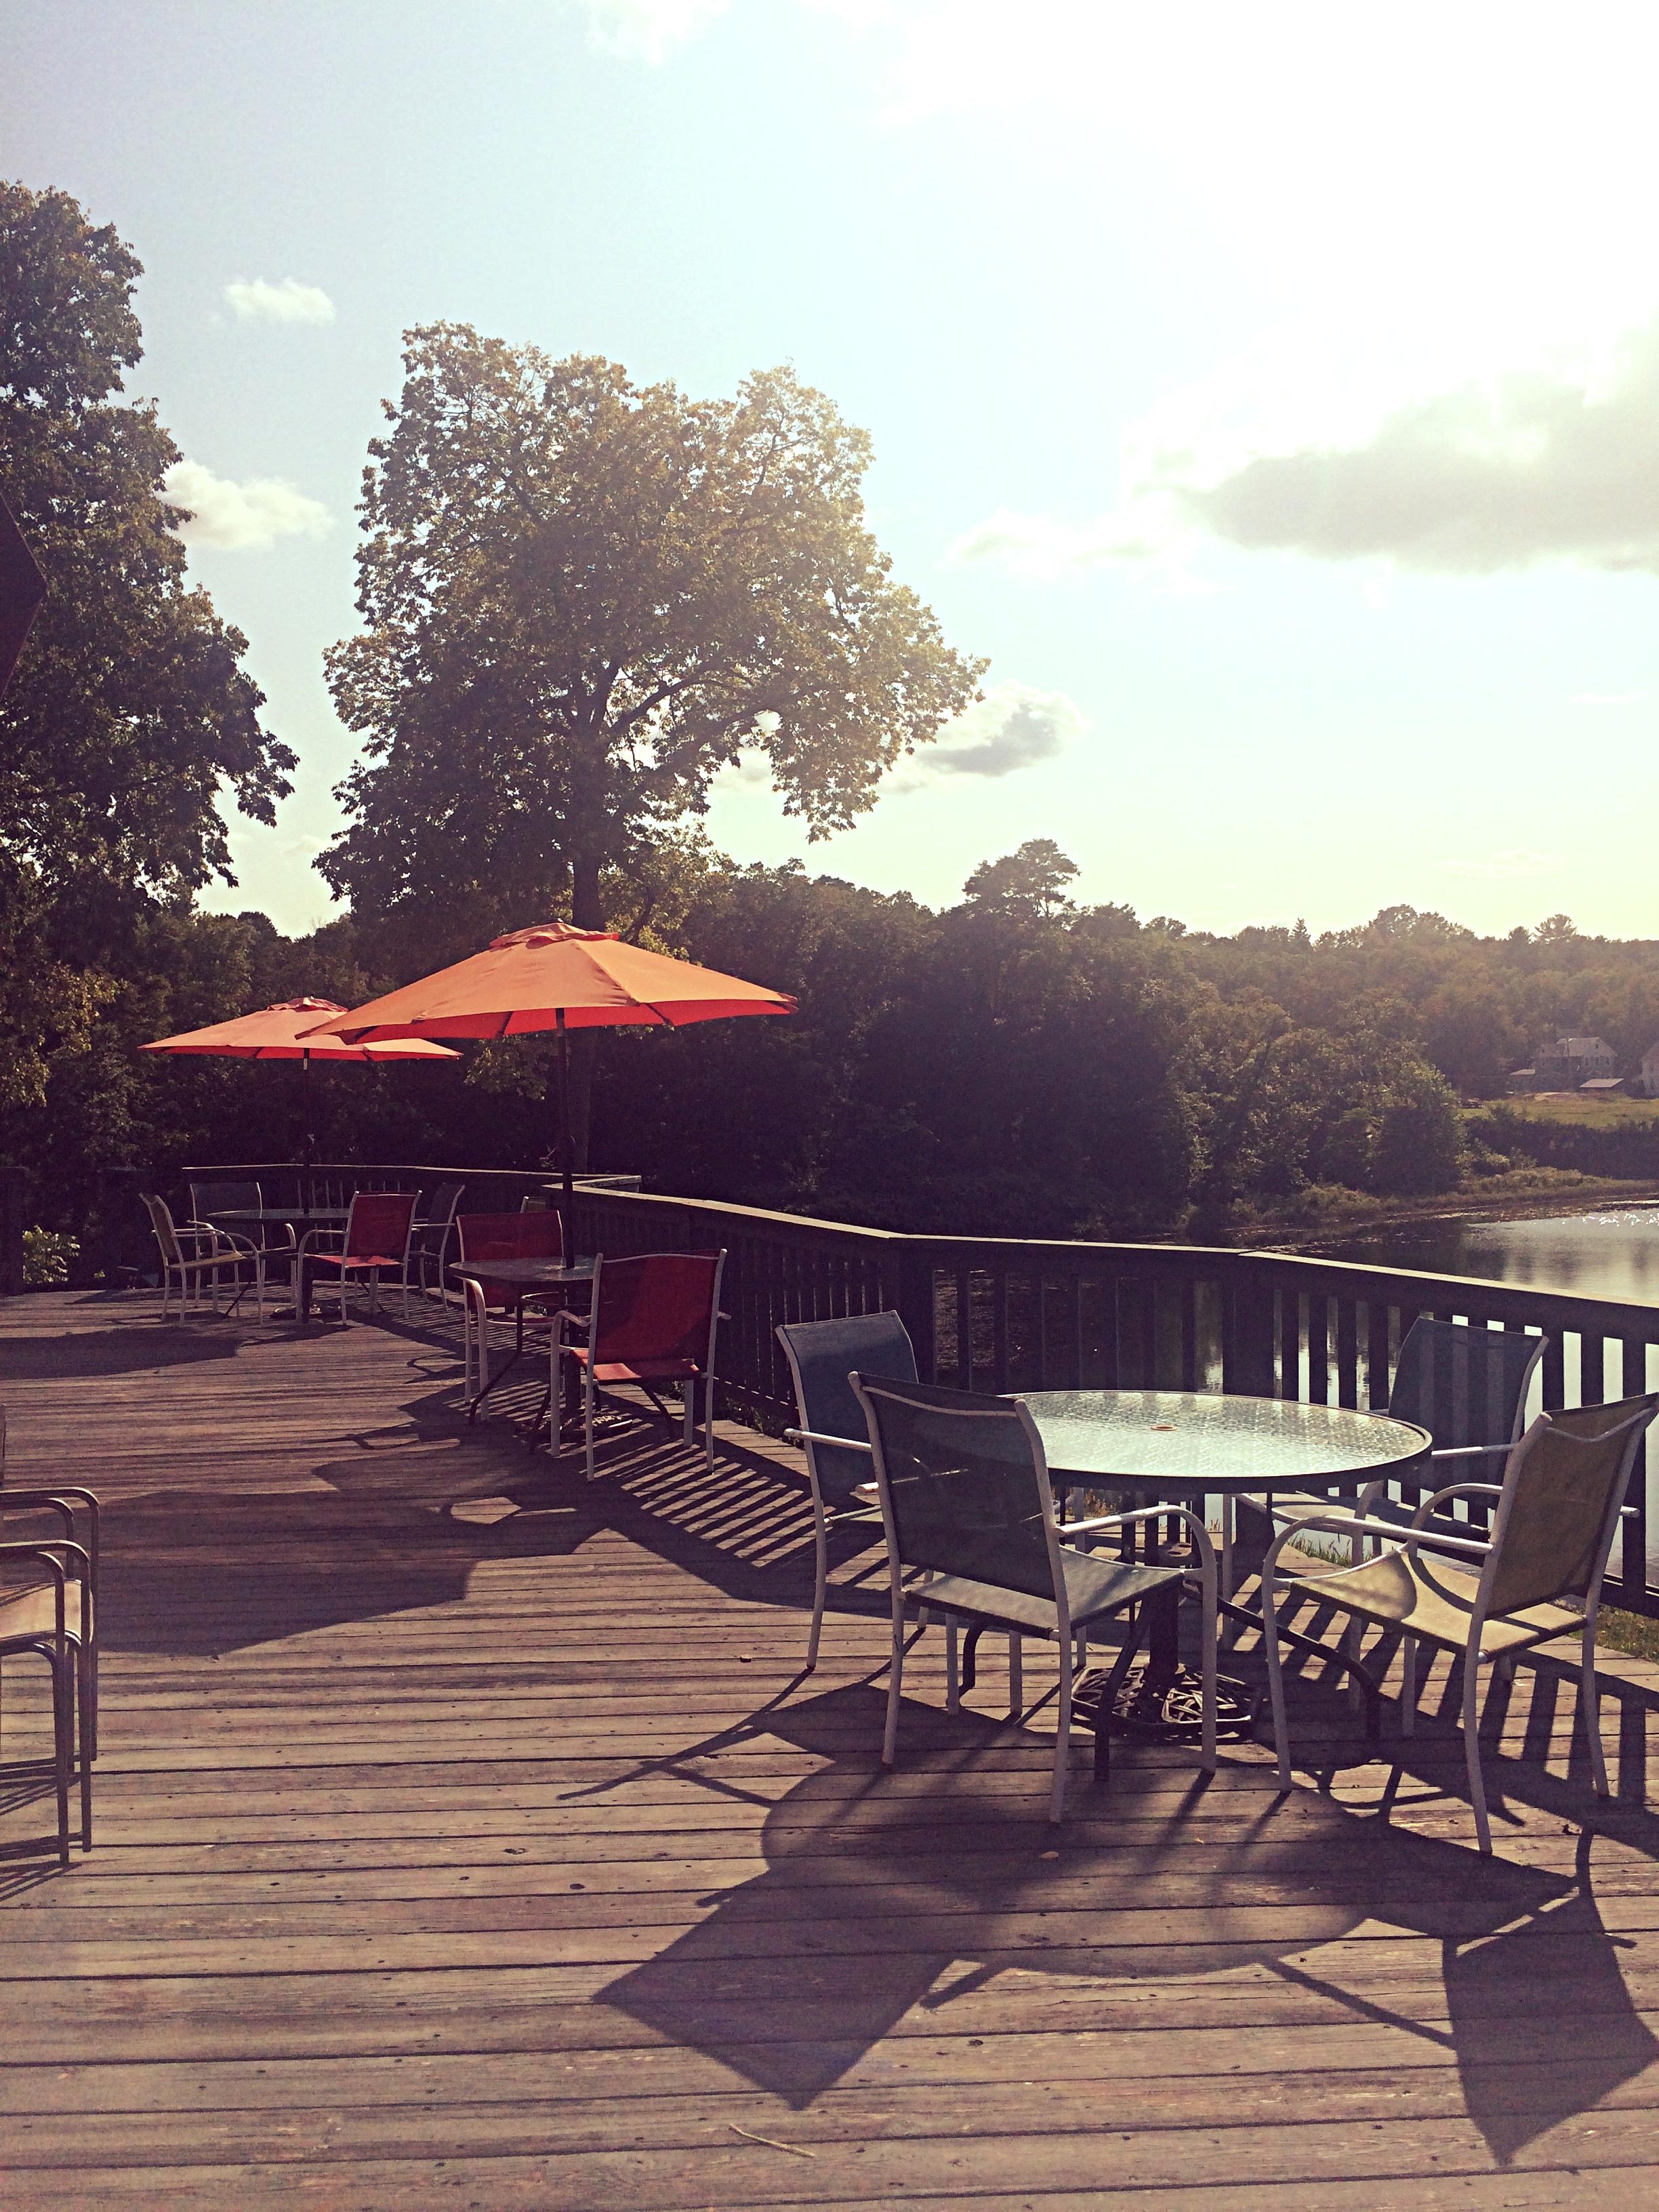 Meditation overlooking the Catskill Creek at Tatiana's Italian Restaurant, Catskill, NY.